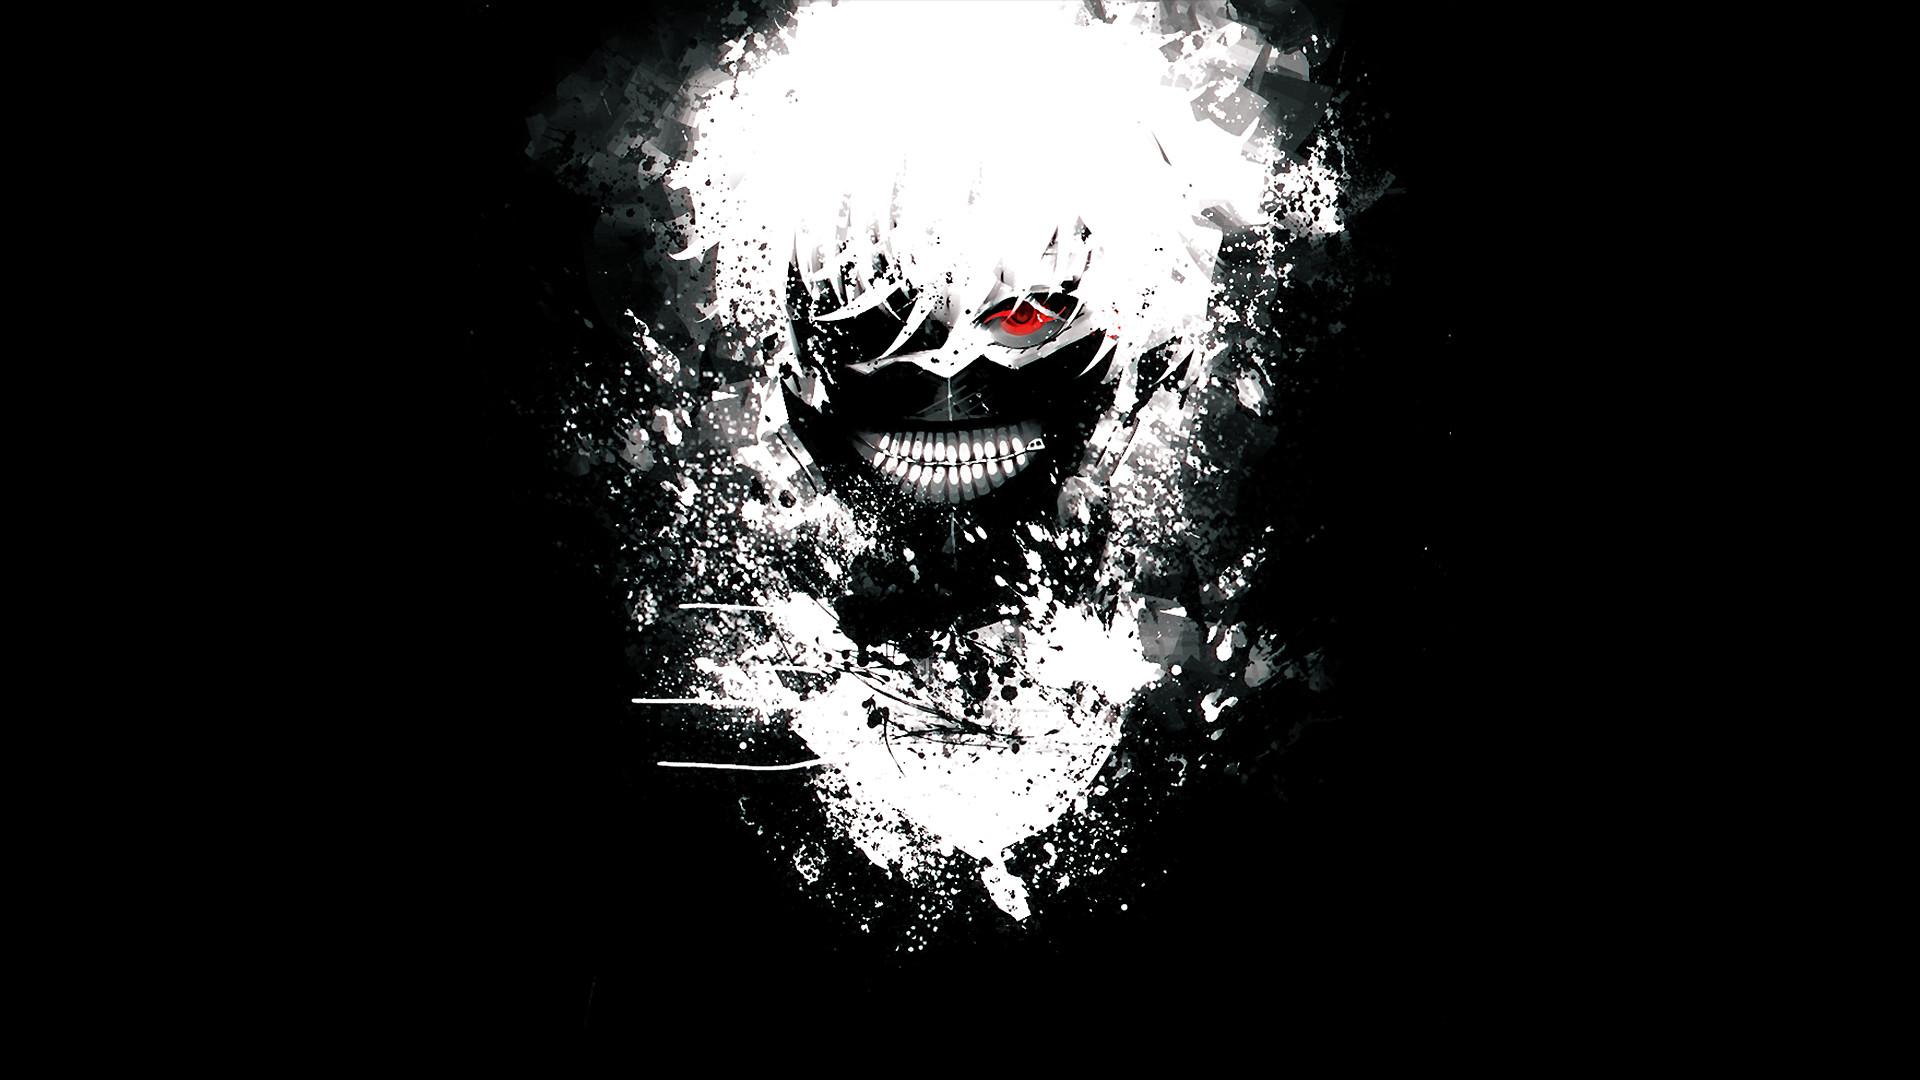 Tokyo Ghoul Kaneki Ken Black and White Wallpaper